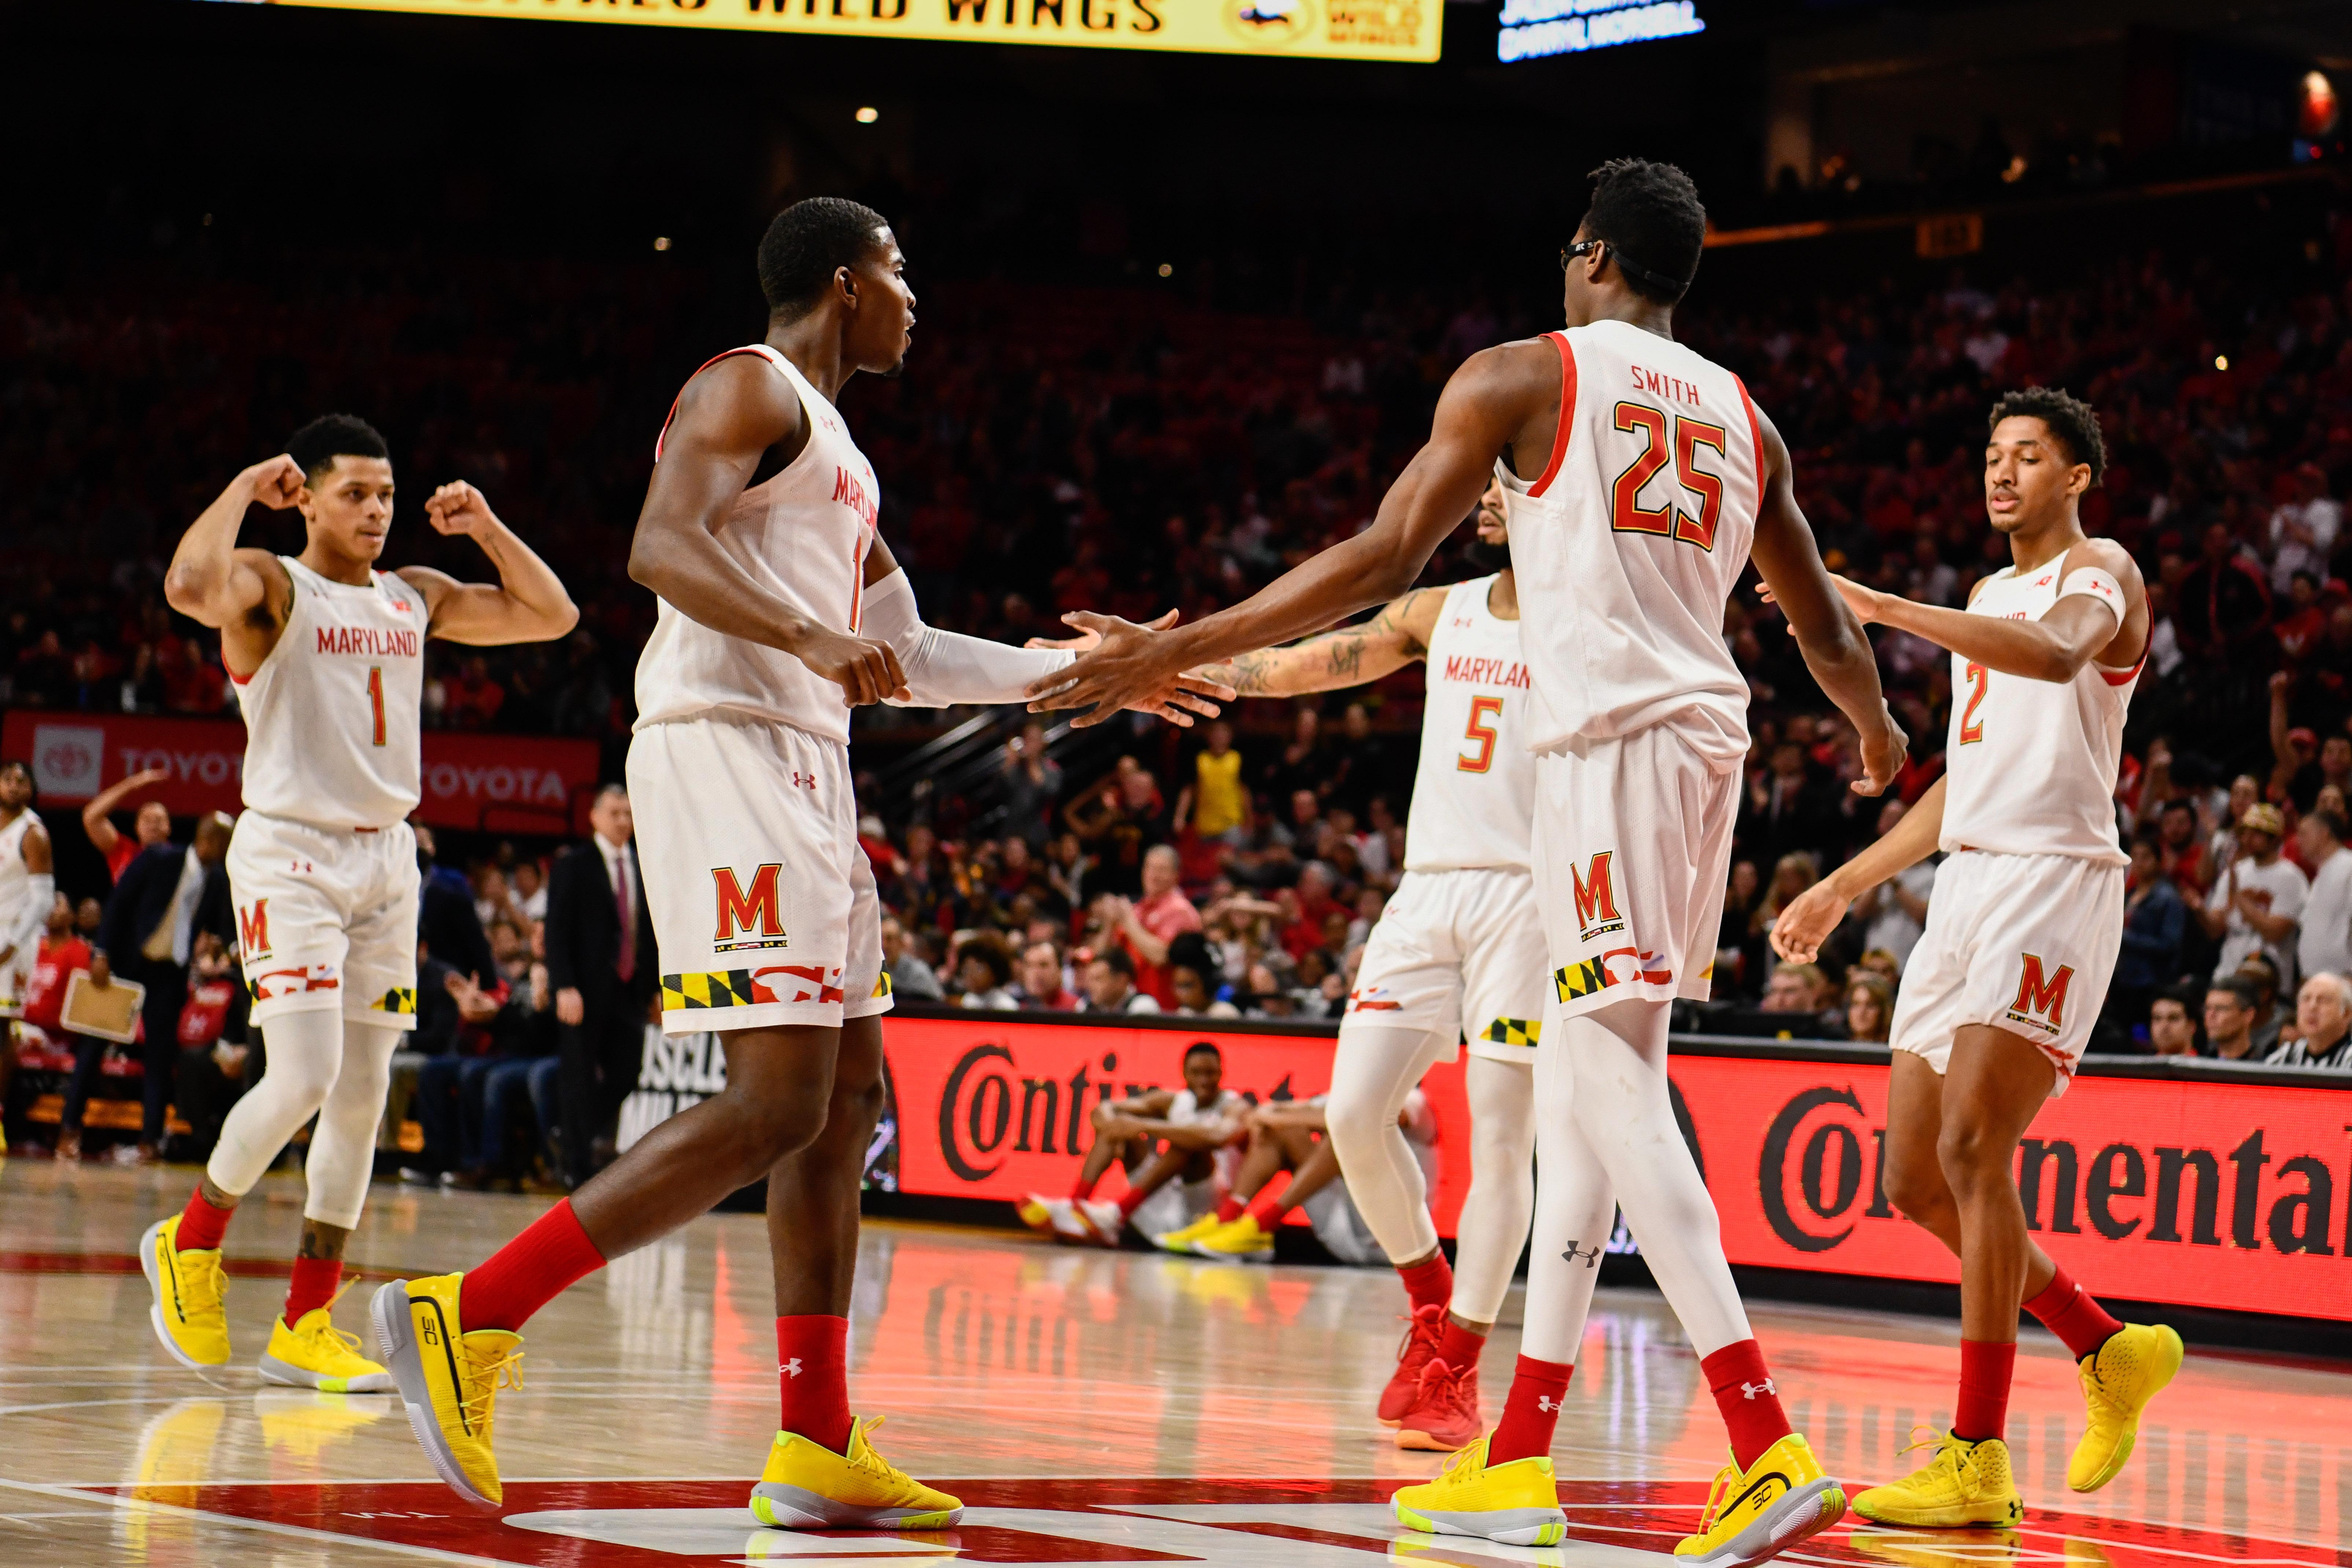 Maryland basketball group celebration, Northwestern, 2020